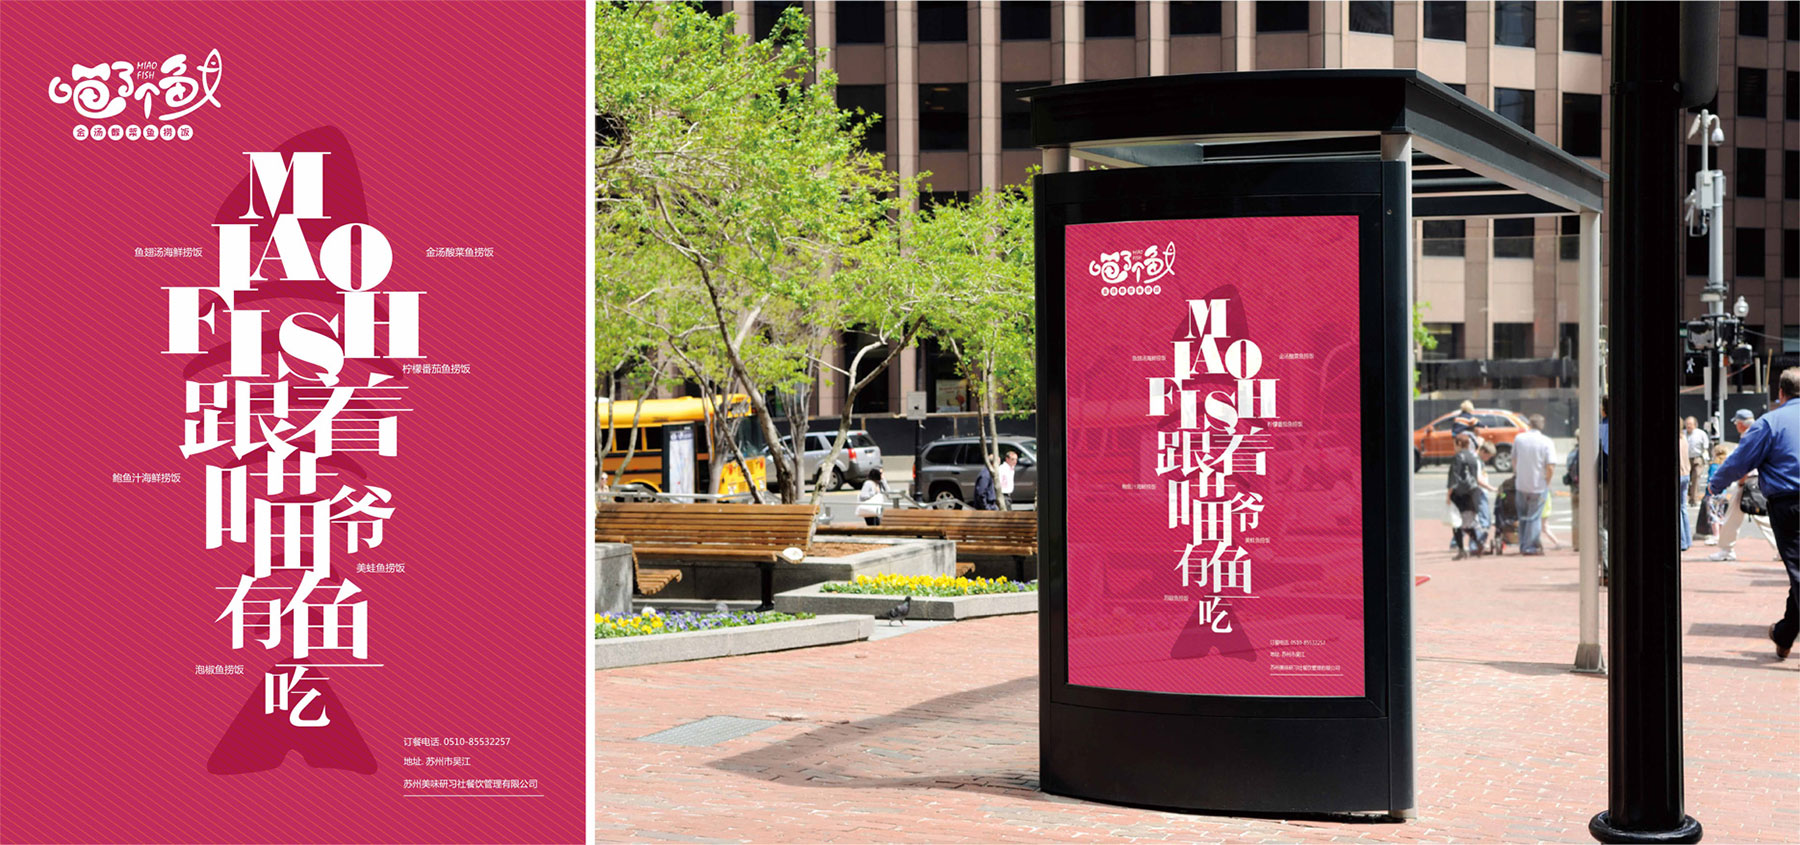 喵了个鱼品牌全案创建:站台广告宣传